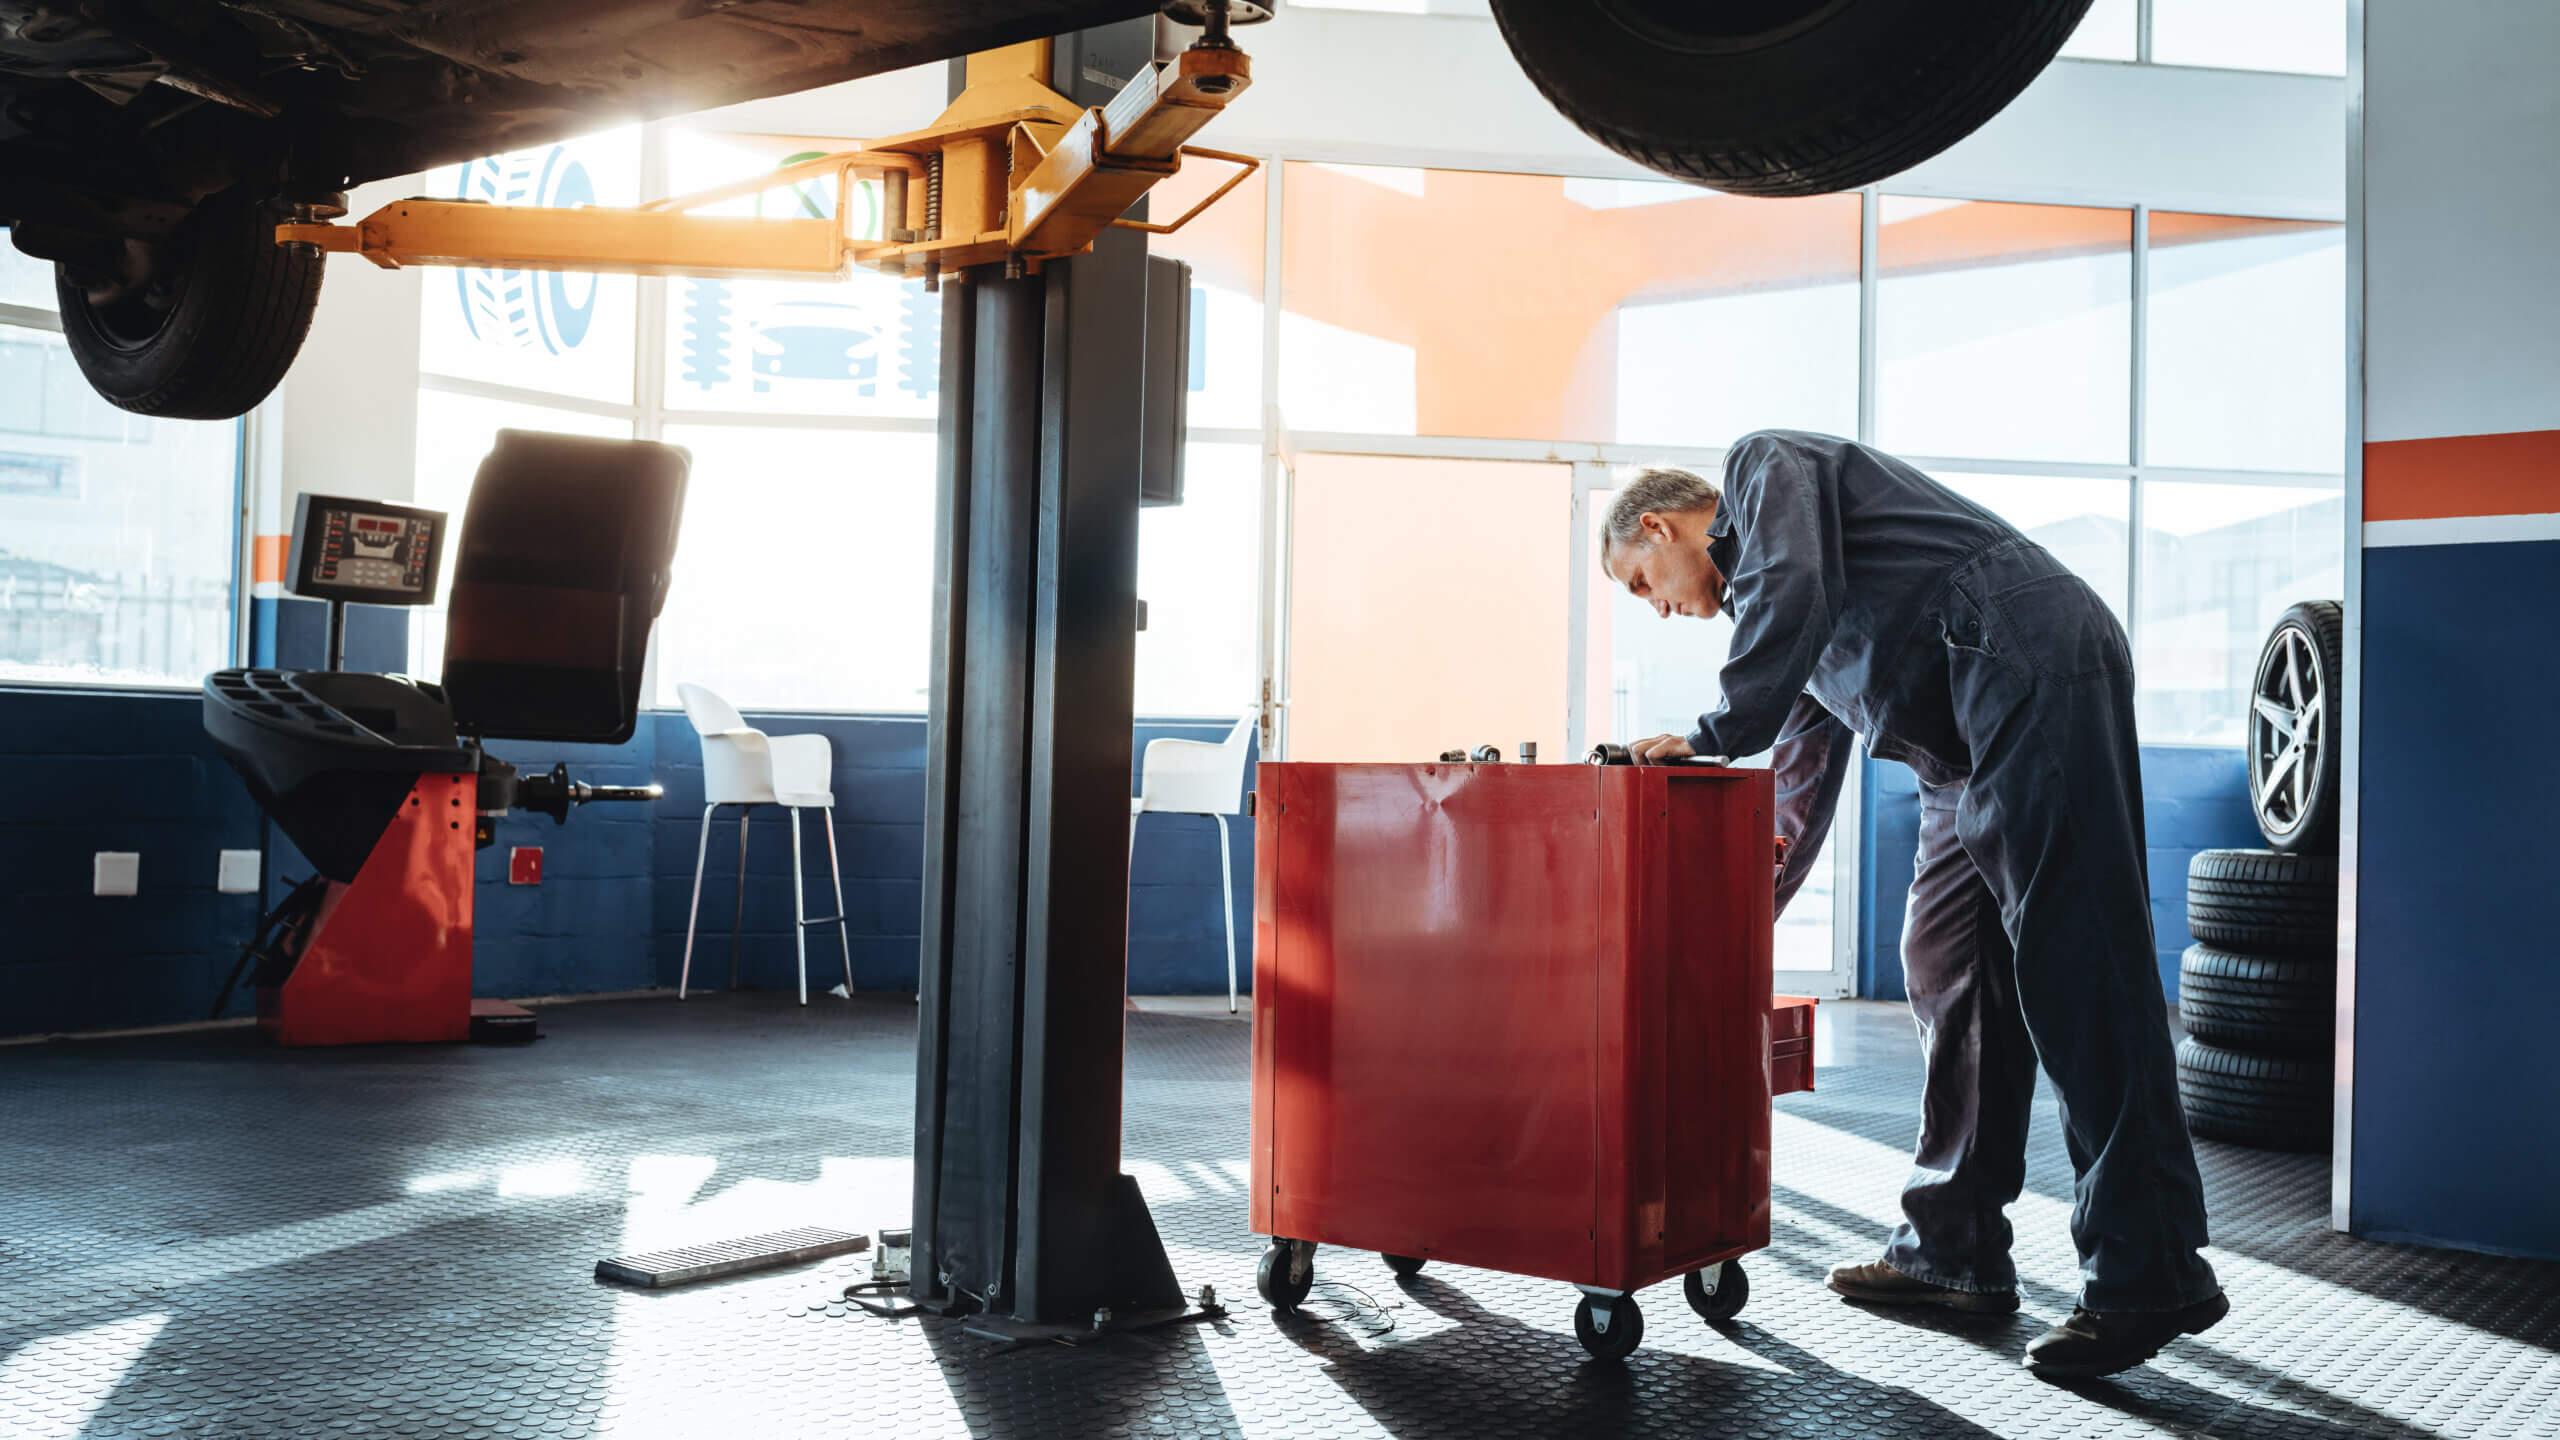 Imagem de oficina mecânica onde se realiza ajustes no balanceamento e alinhamento de veículos.